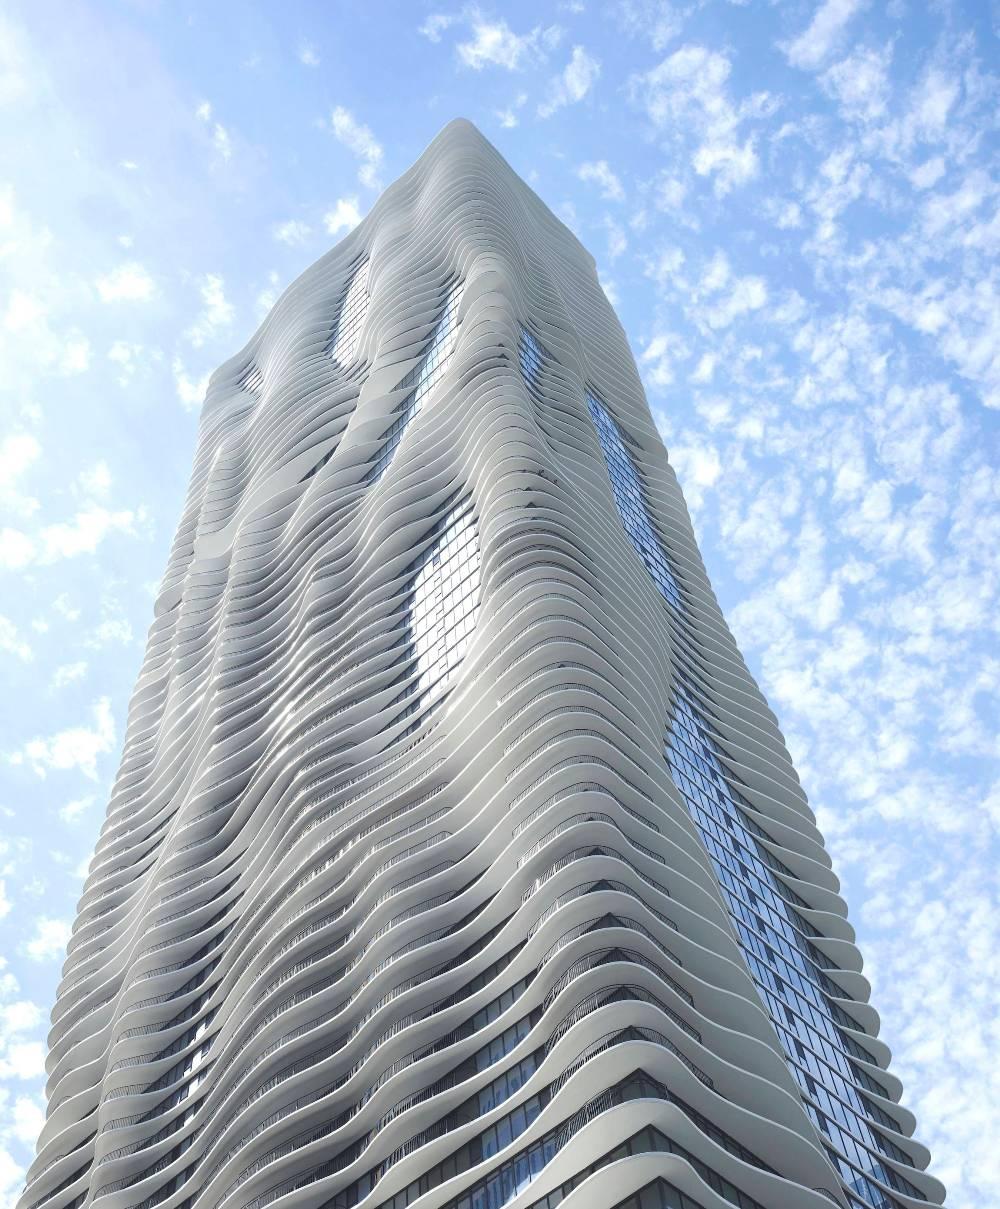 Небоскреб Аква, Чикаго, США